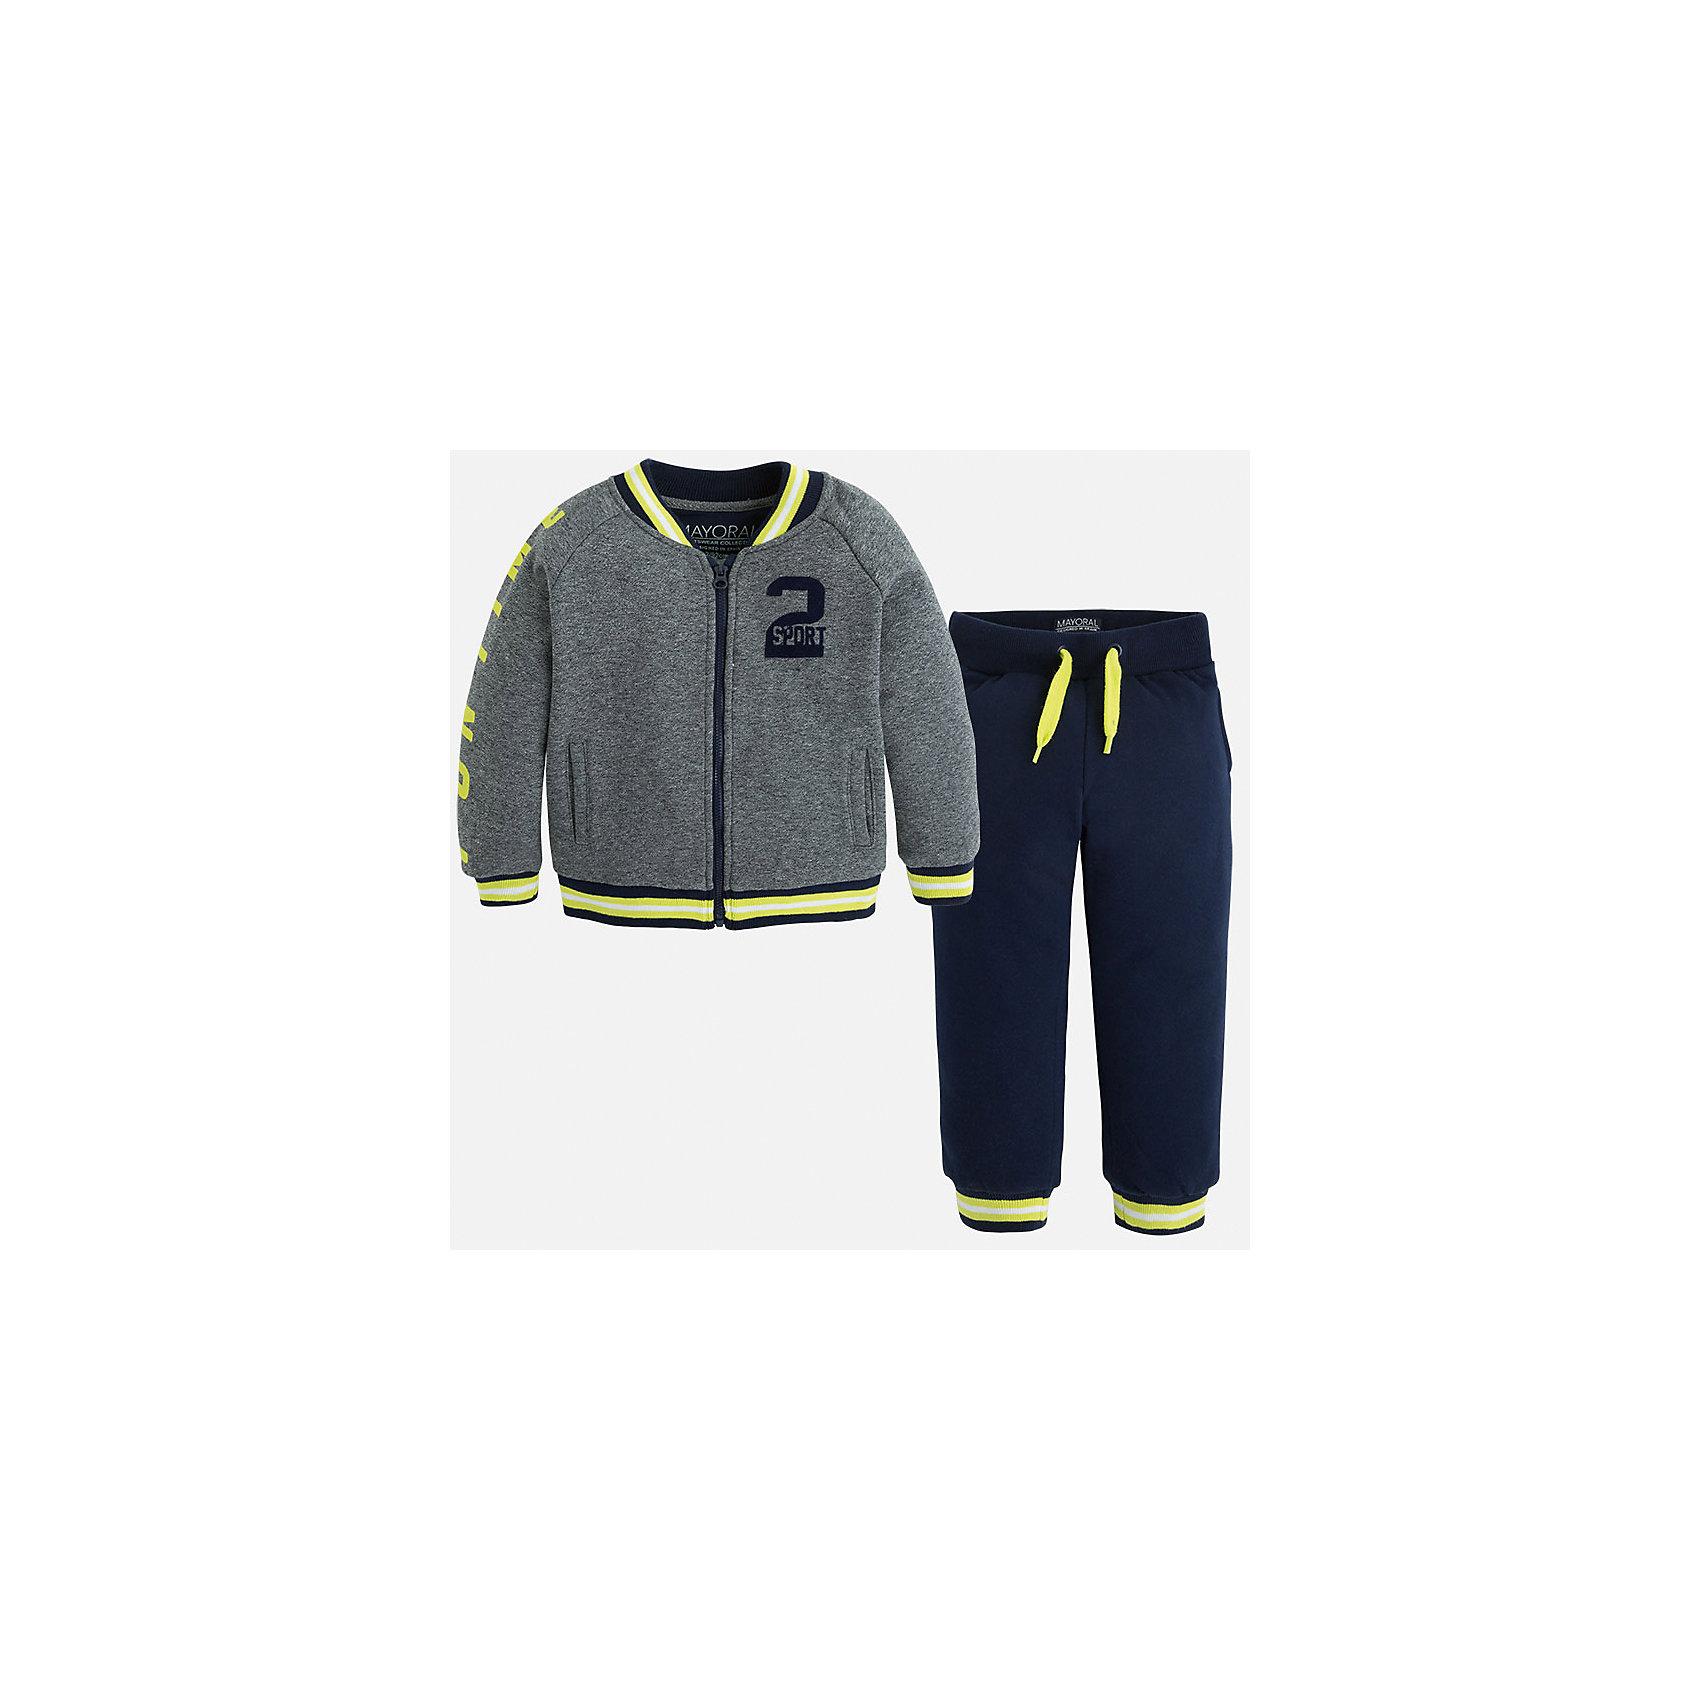 Спортивный костюм для мальчика MayoralМодный спортивный костюм для мальчика.<br>А приятный бонус, это куртка-бомбер, которую можно носить не только с спортивными брюками!<br><br>Дополнительная информация:<br><br>- В комплекте: куртка-бомбер и брюки.<br>- Крой: свободный крой.<br>- Страна бренда: Испания.<br>- Состав: хлопок 60%, полиэстер 40%.<br>- Цвет: серый.<br>- Уход: бережная стирка при 30 градусах.<br><br>Купить спортивный костюм для мальчика Mayoral, можно в нашем магазине.<br><br>Ширина мм: 247<br>Глубина мм: 16<br>Высота мм: 140<br>Вес г: 225<br>Цвет: разноцветный<br>Возраст от месяцев: 36<br>Возраст до месяцев: 48<br>Пол: Мужской<br>Возраст: Детский<br>Размер: 104,110,116,128,134,122,98<br>SKU: 4826556